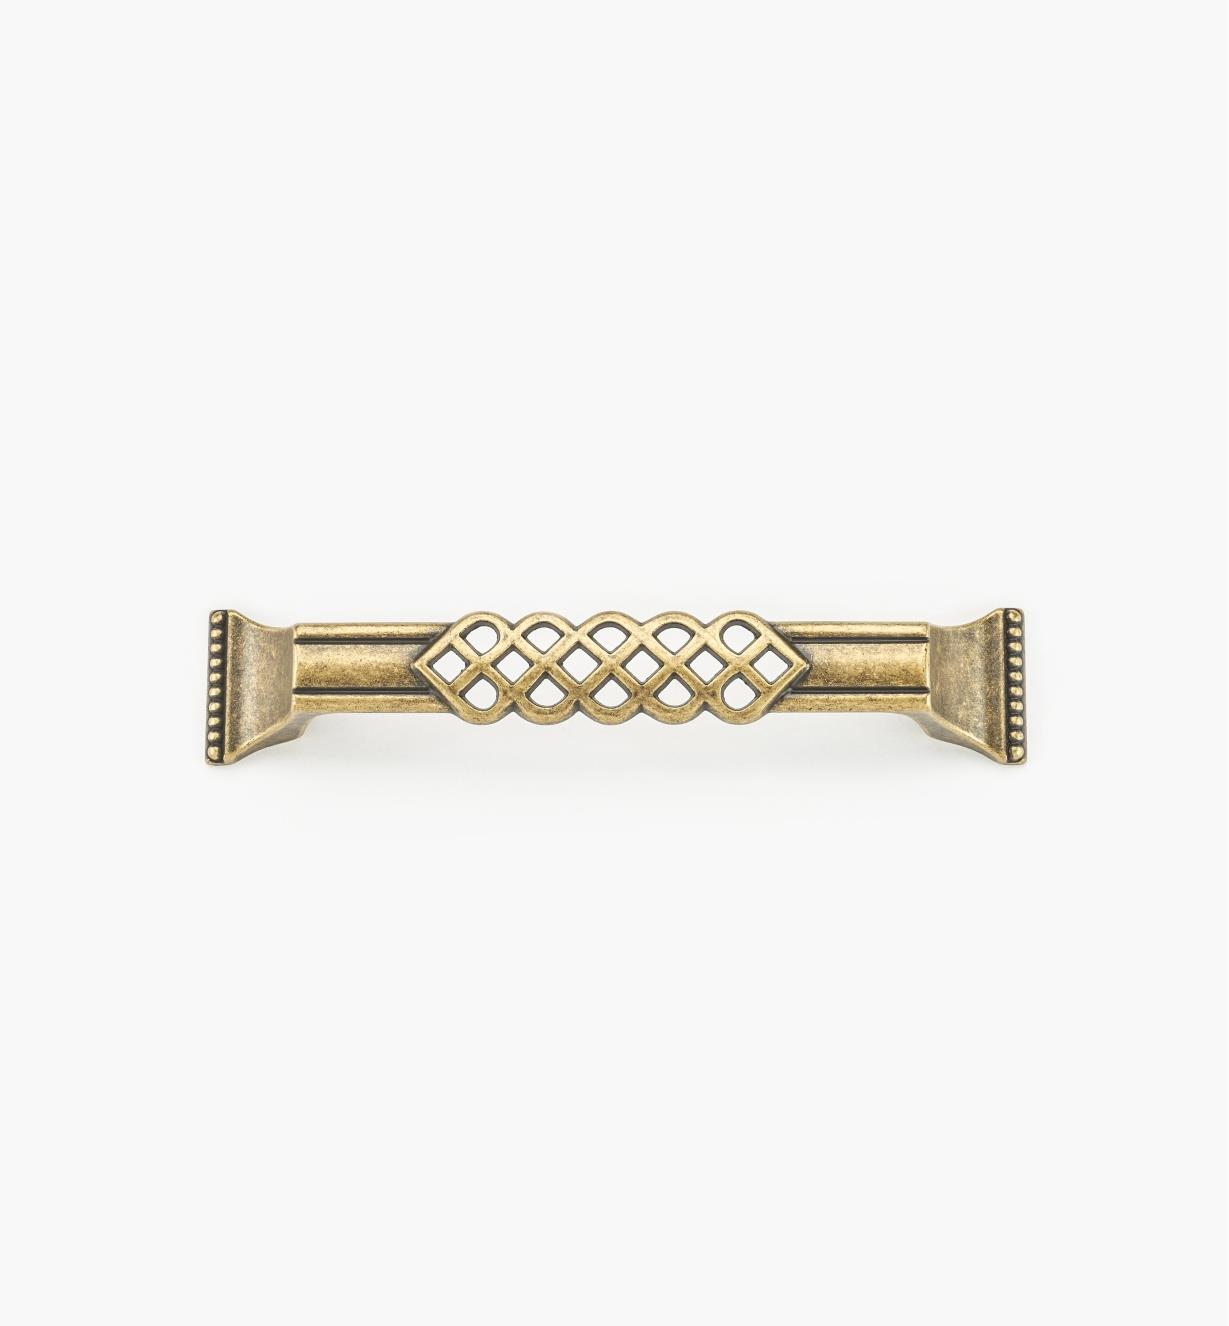 01A3015 - Poignée ornée d'entrelacs et de perles de 6 1/2 po, fini laiton antique (128 mm)